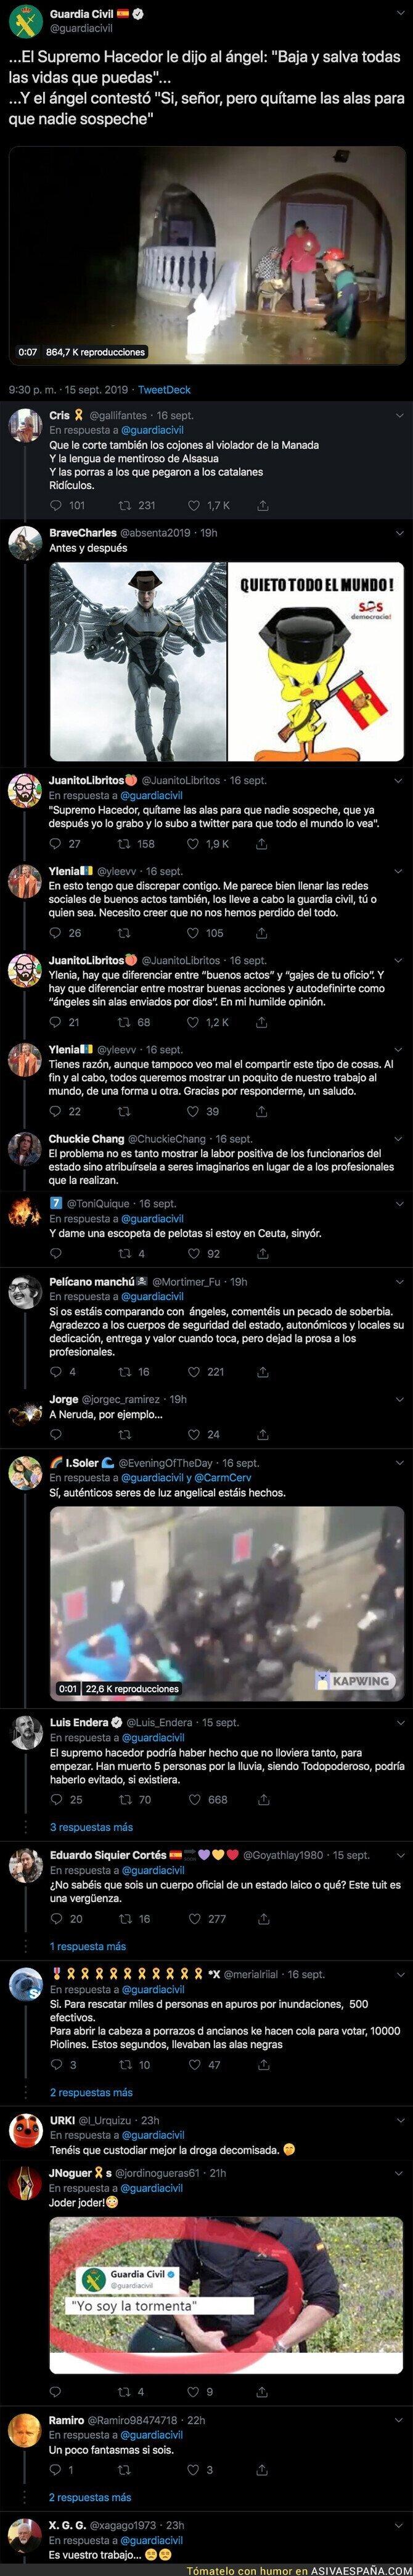 121258 - El lamentable tuit de la Guardia Civil tras la gota fría que ha inundado Valencia, Murcia y Andalucía con el que todo el mundo está alucinando